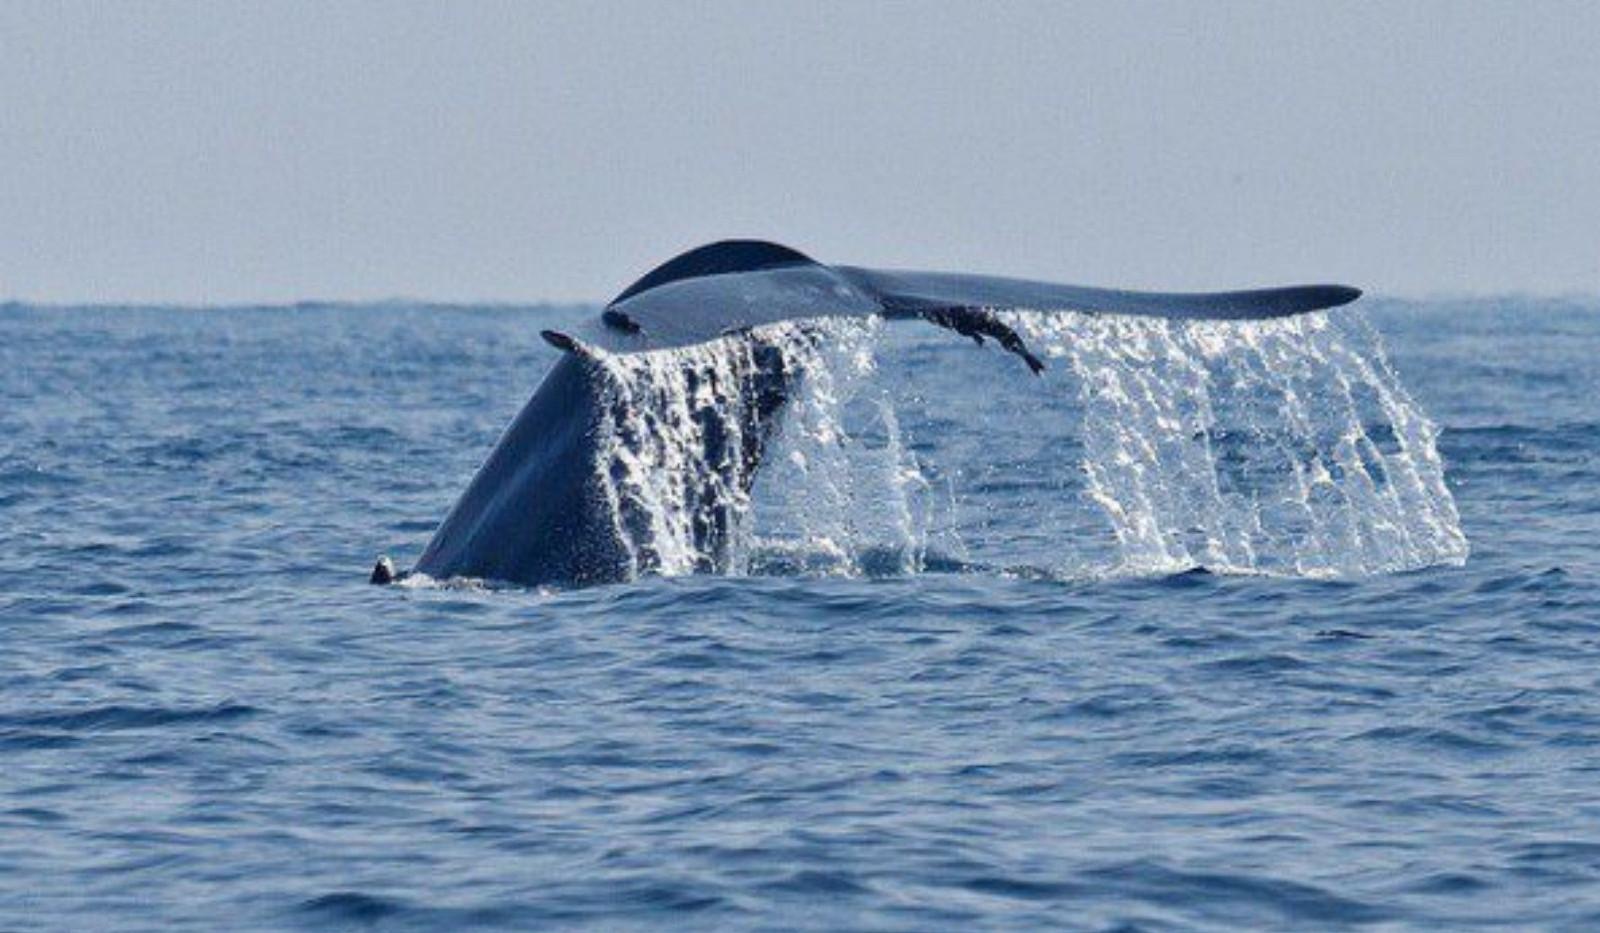 blue-whale-mirissa-65north-593x395.jpg